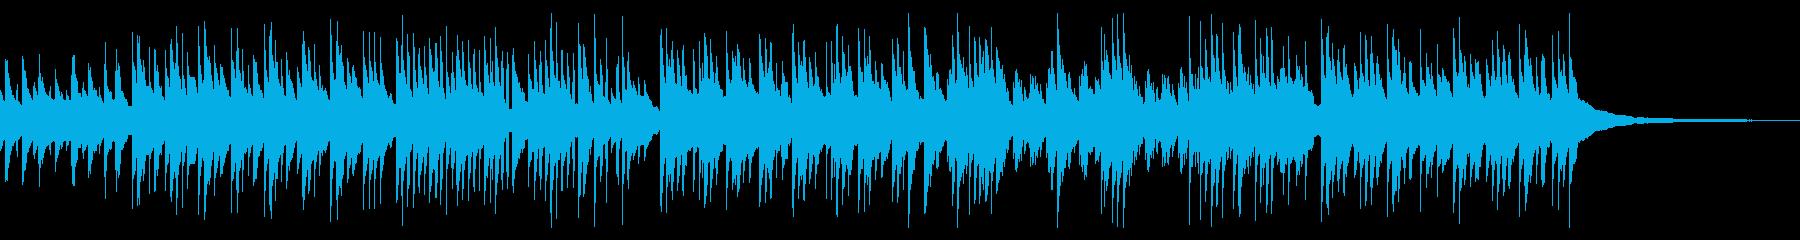 ほのぼの・軽快な3拍子ギターデュオの再生済みの波形